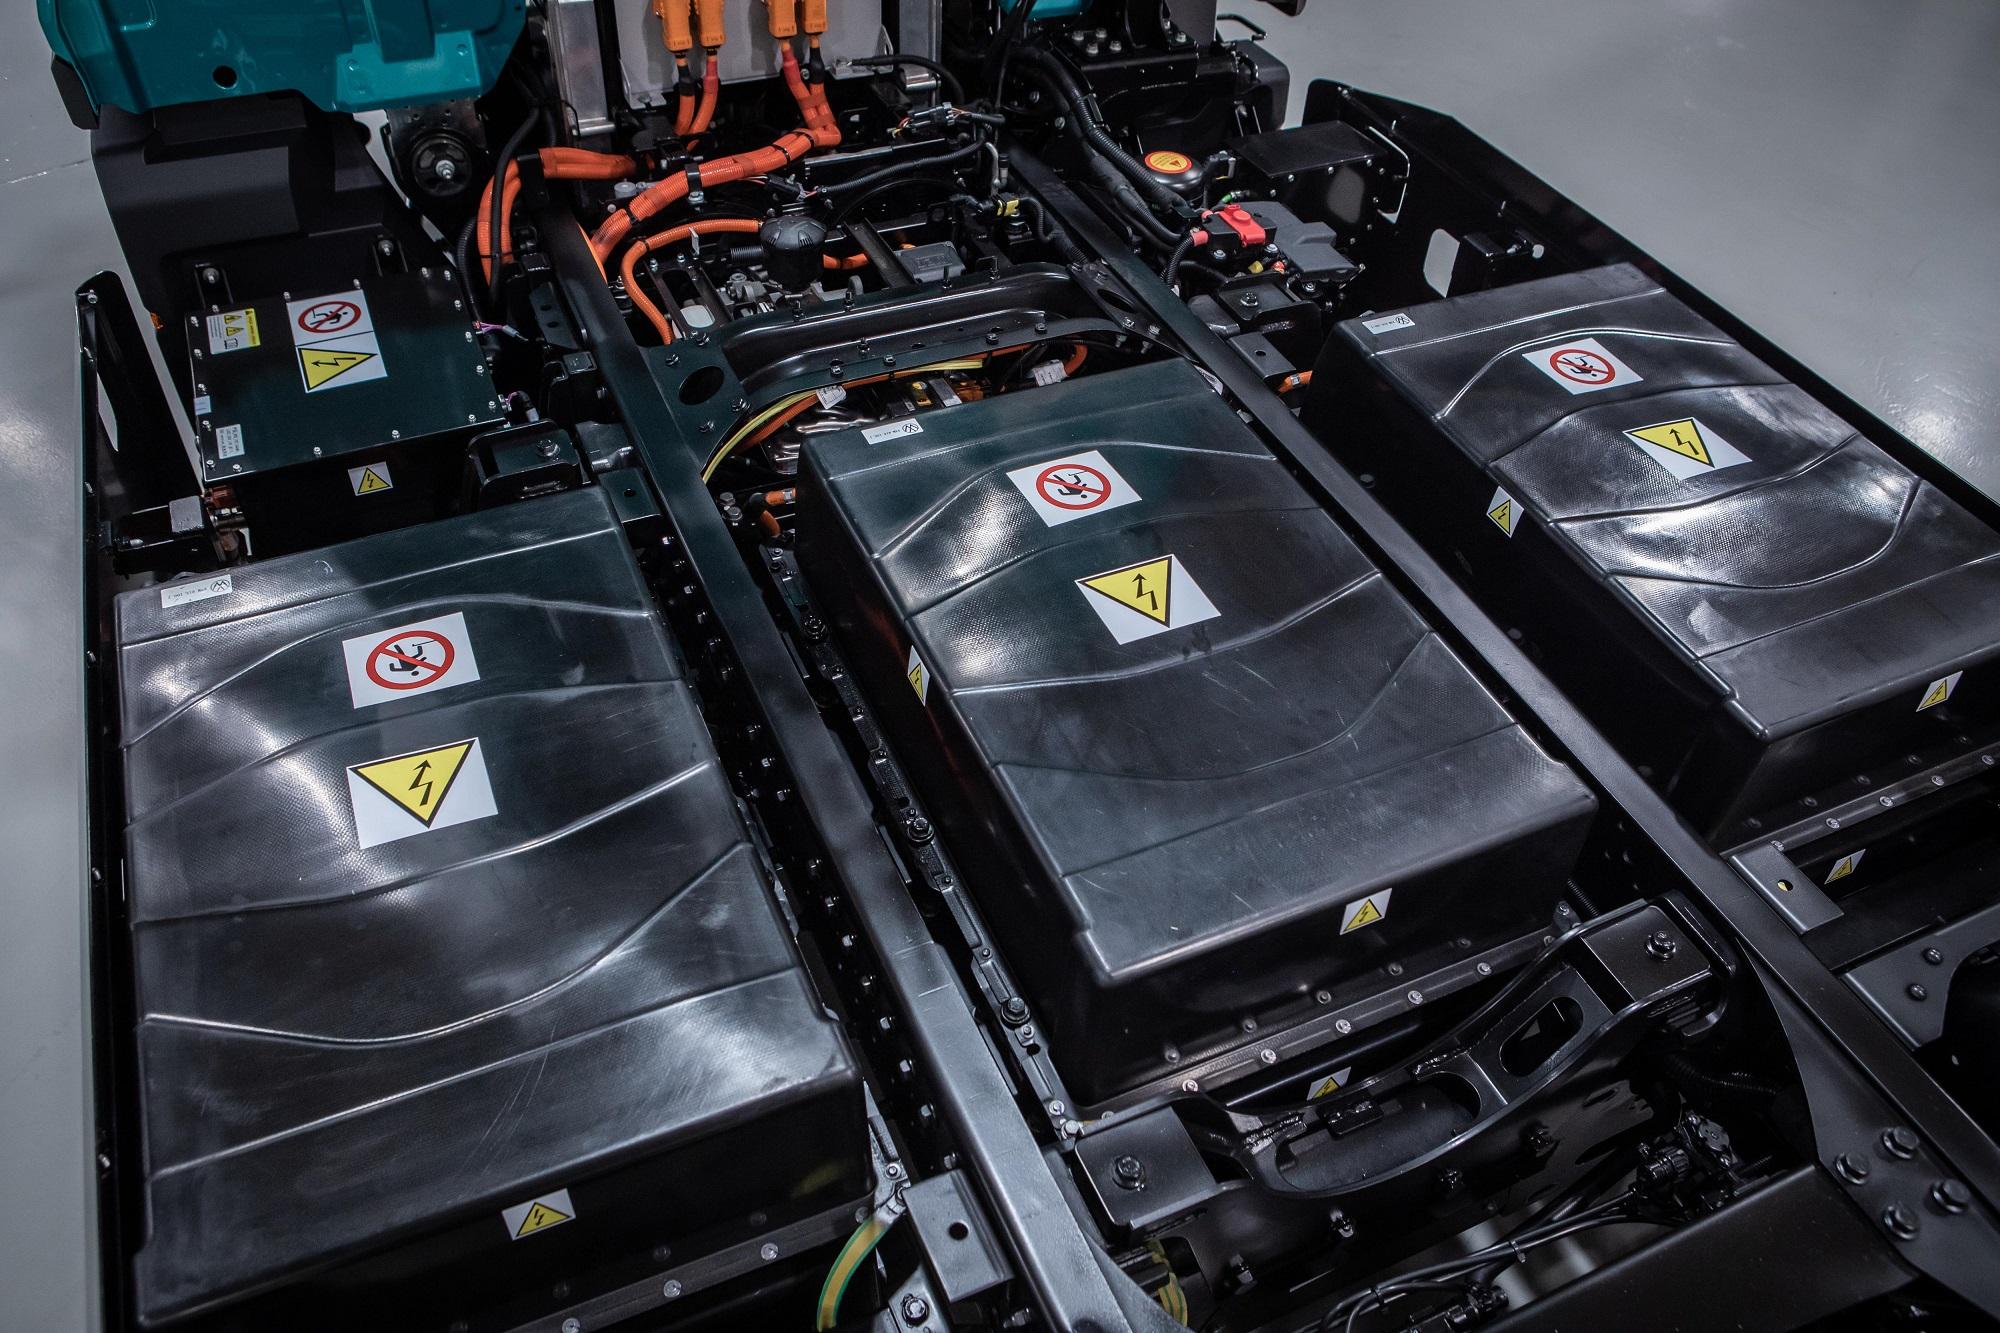 Baterias de íons de lítio suportam recarga rápida (150 kW) e são refrigeradas a água